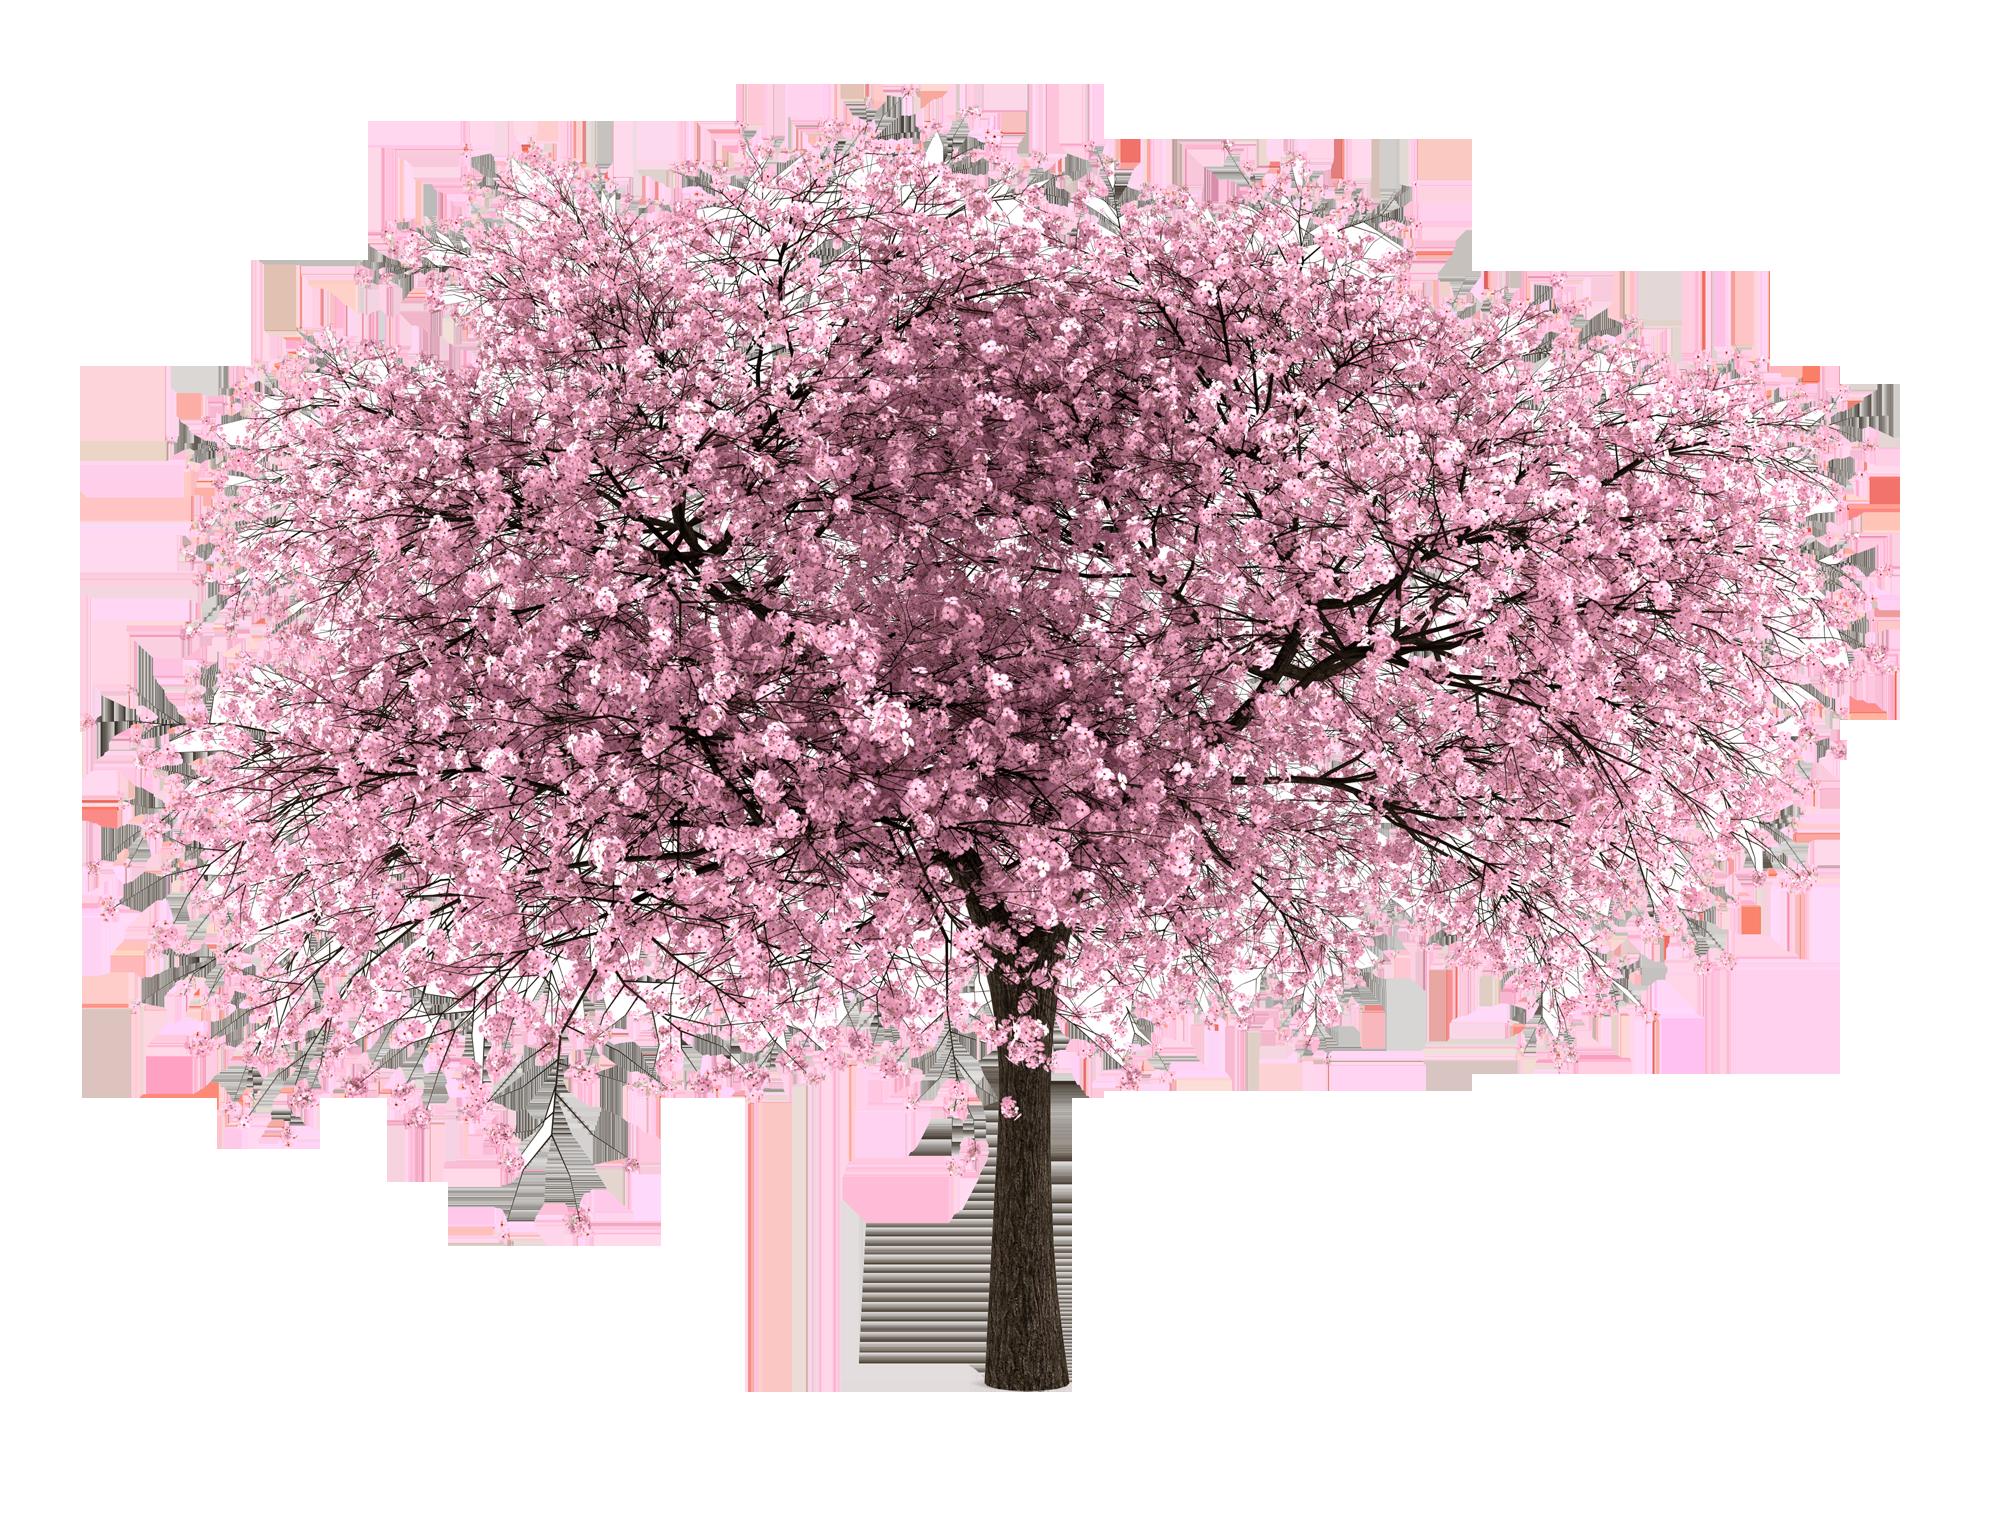 Cherry Blossom Tree Cherry Blossom Tree Tree Photoshop Blossom Trees